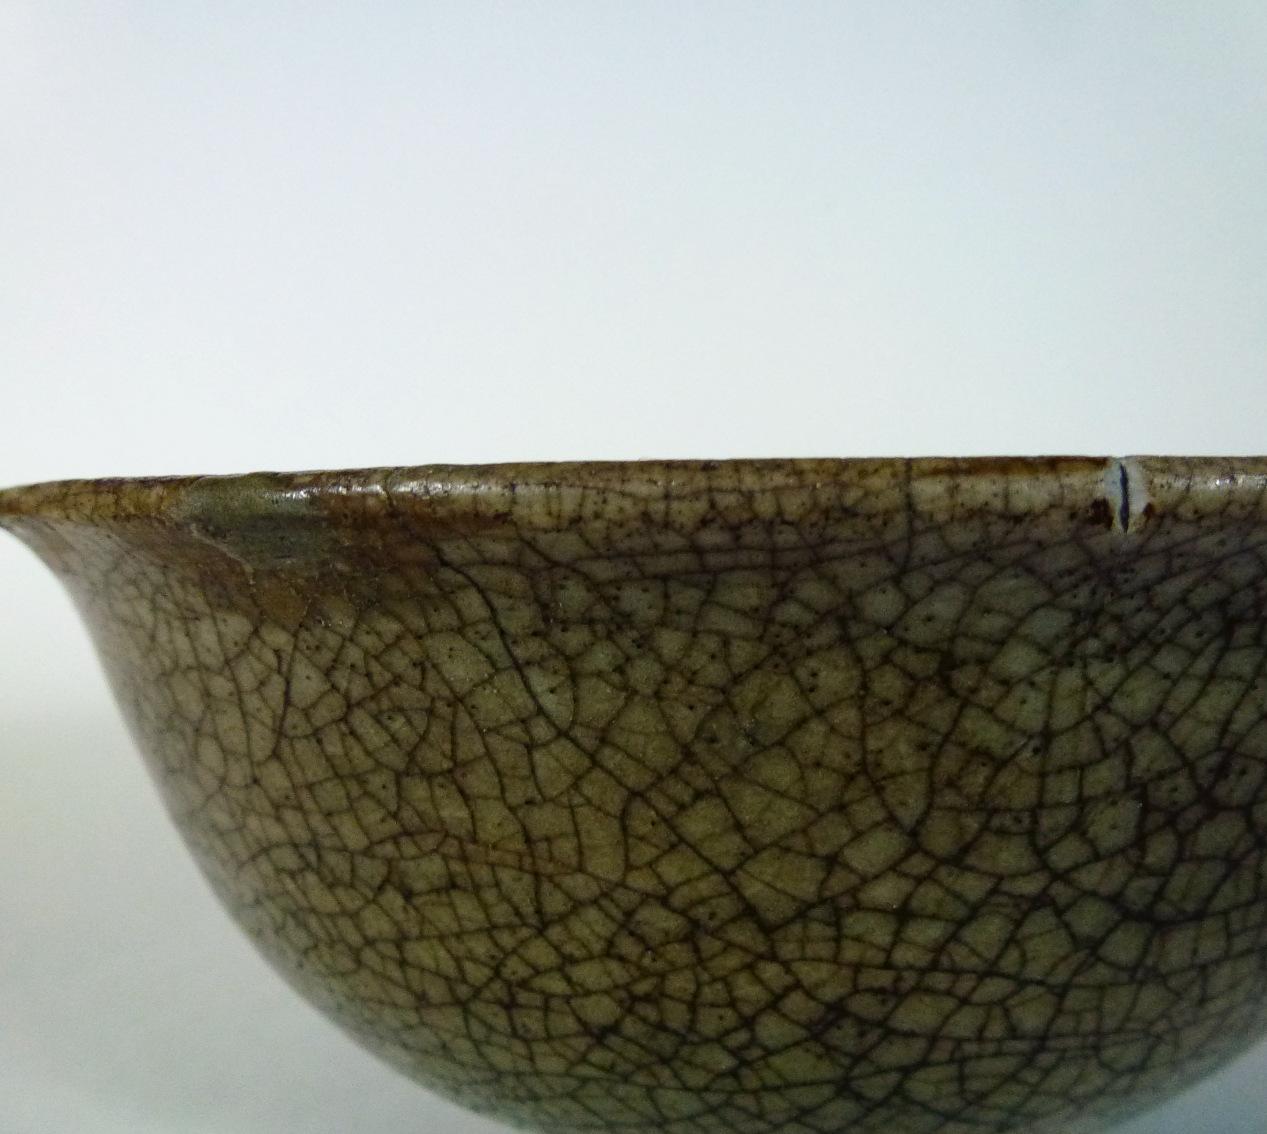 Ming 14th/15th C. Bowl – Craquele